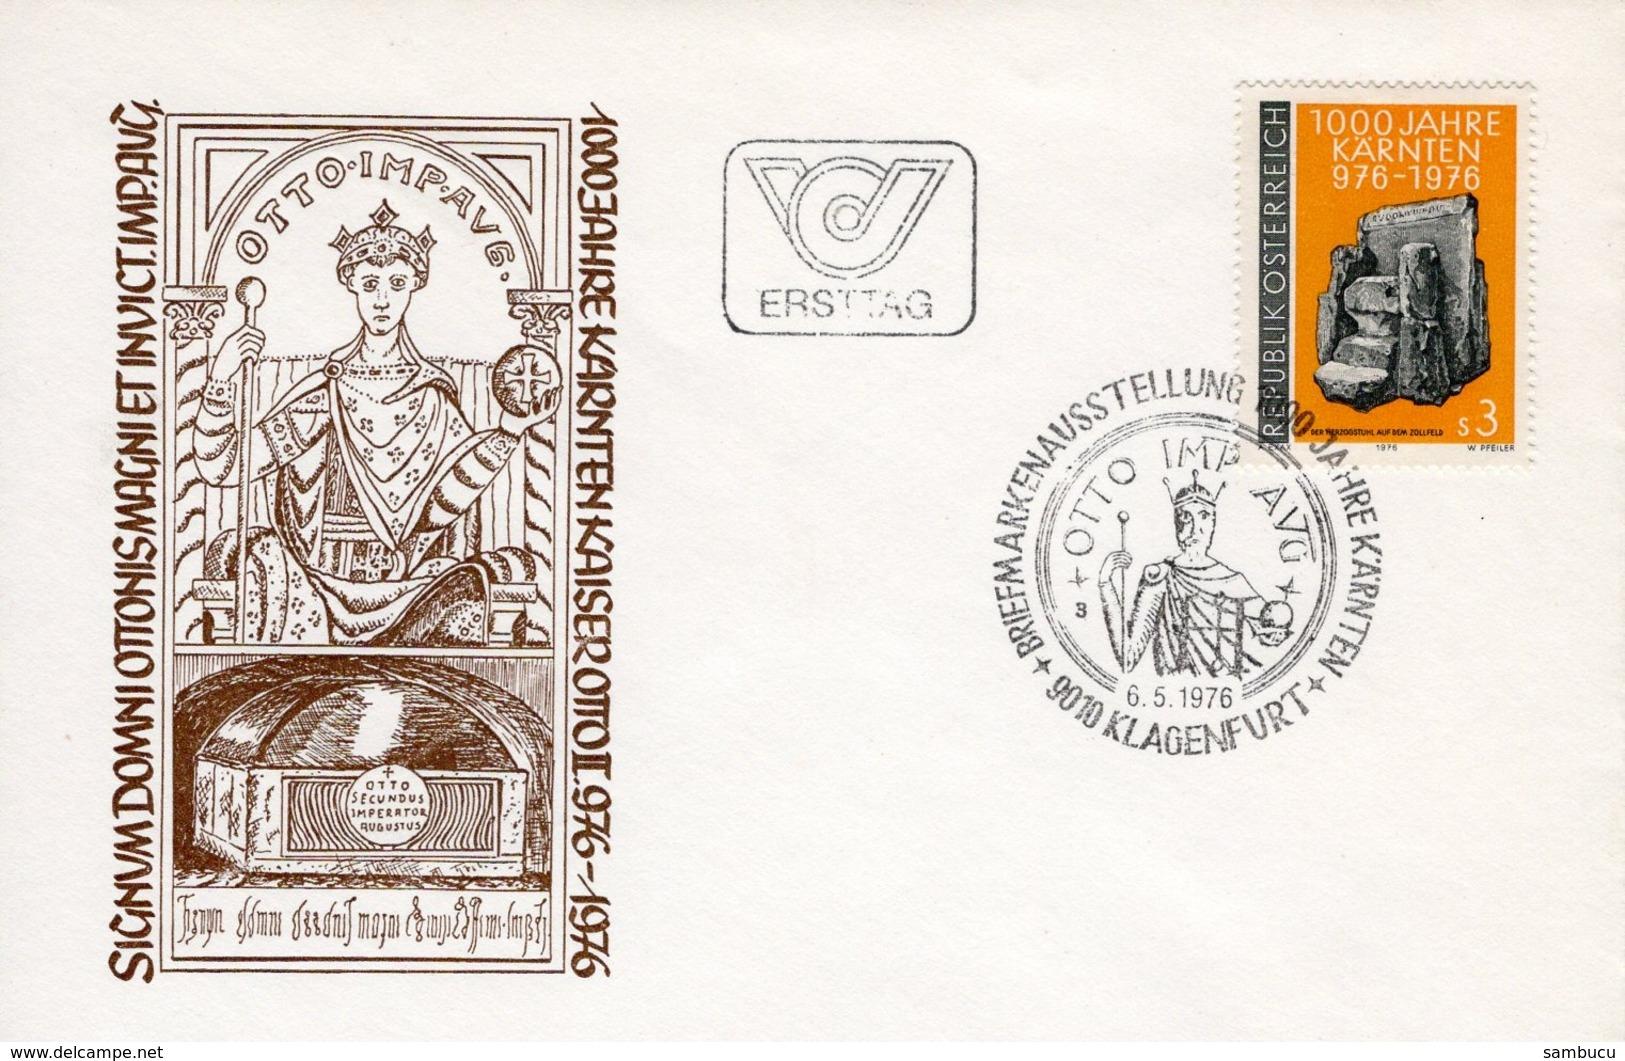 FDC - 1000 Jahre Kärnten 06.05.1976 Ersttag - FDC